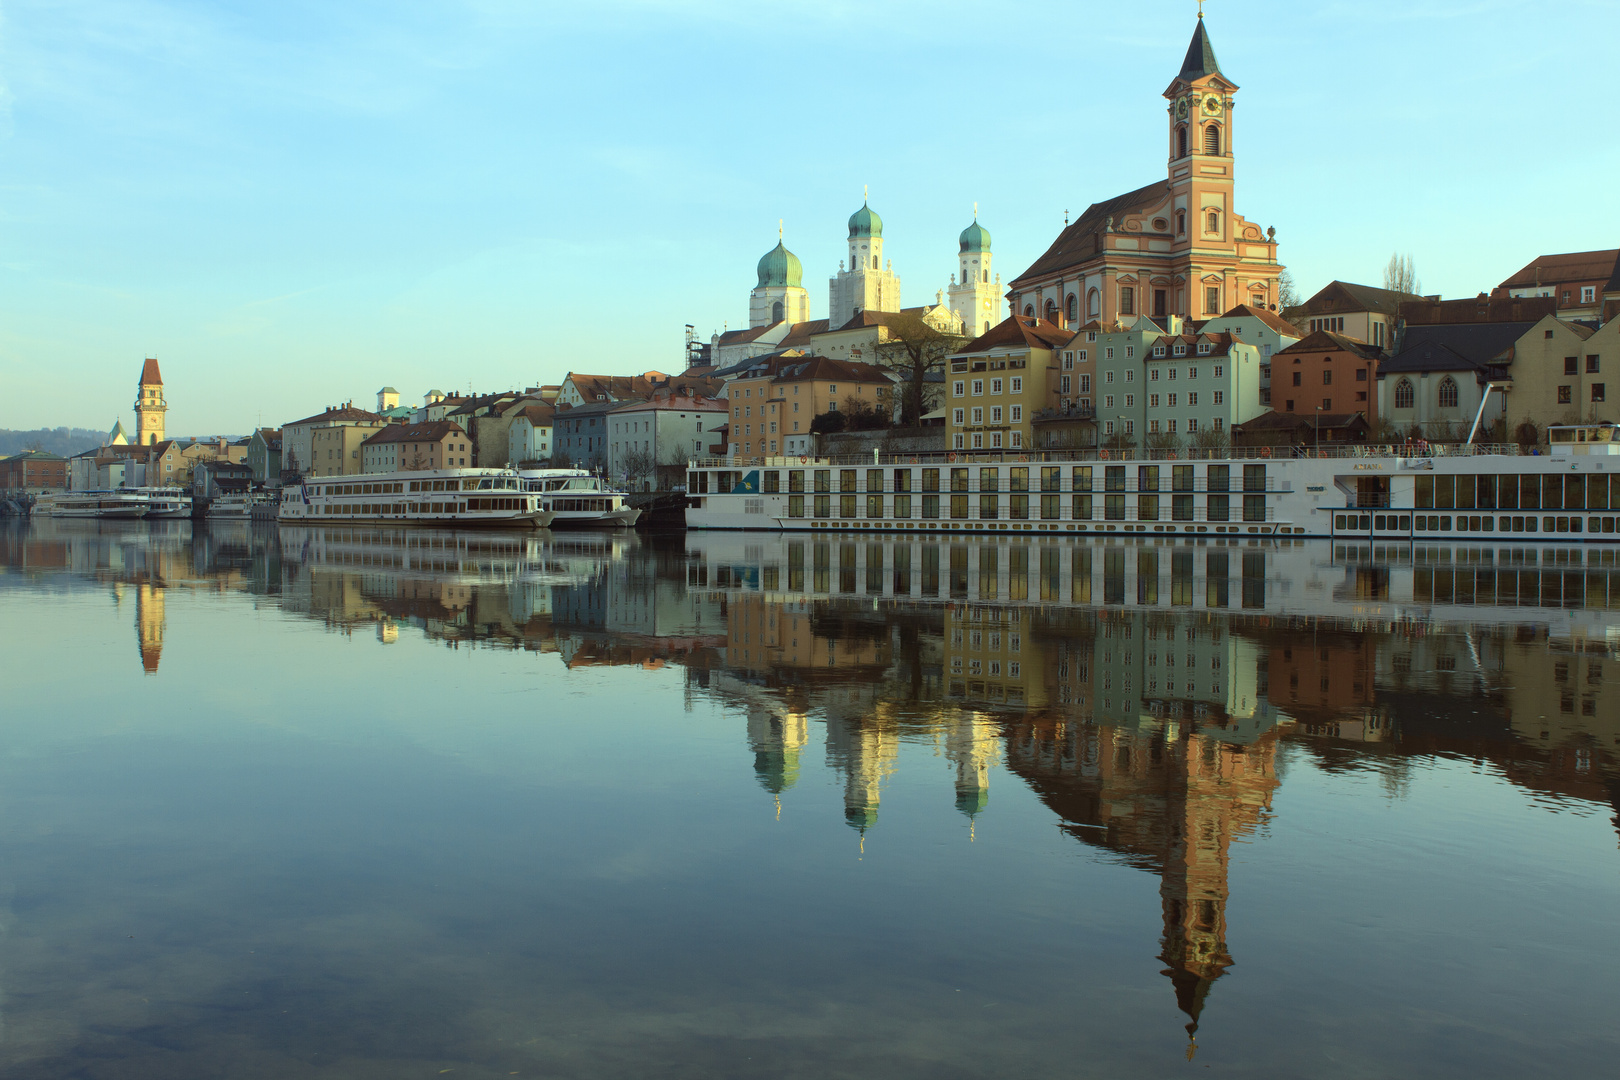 Passau November